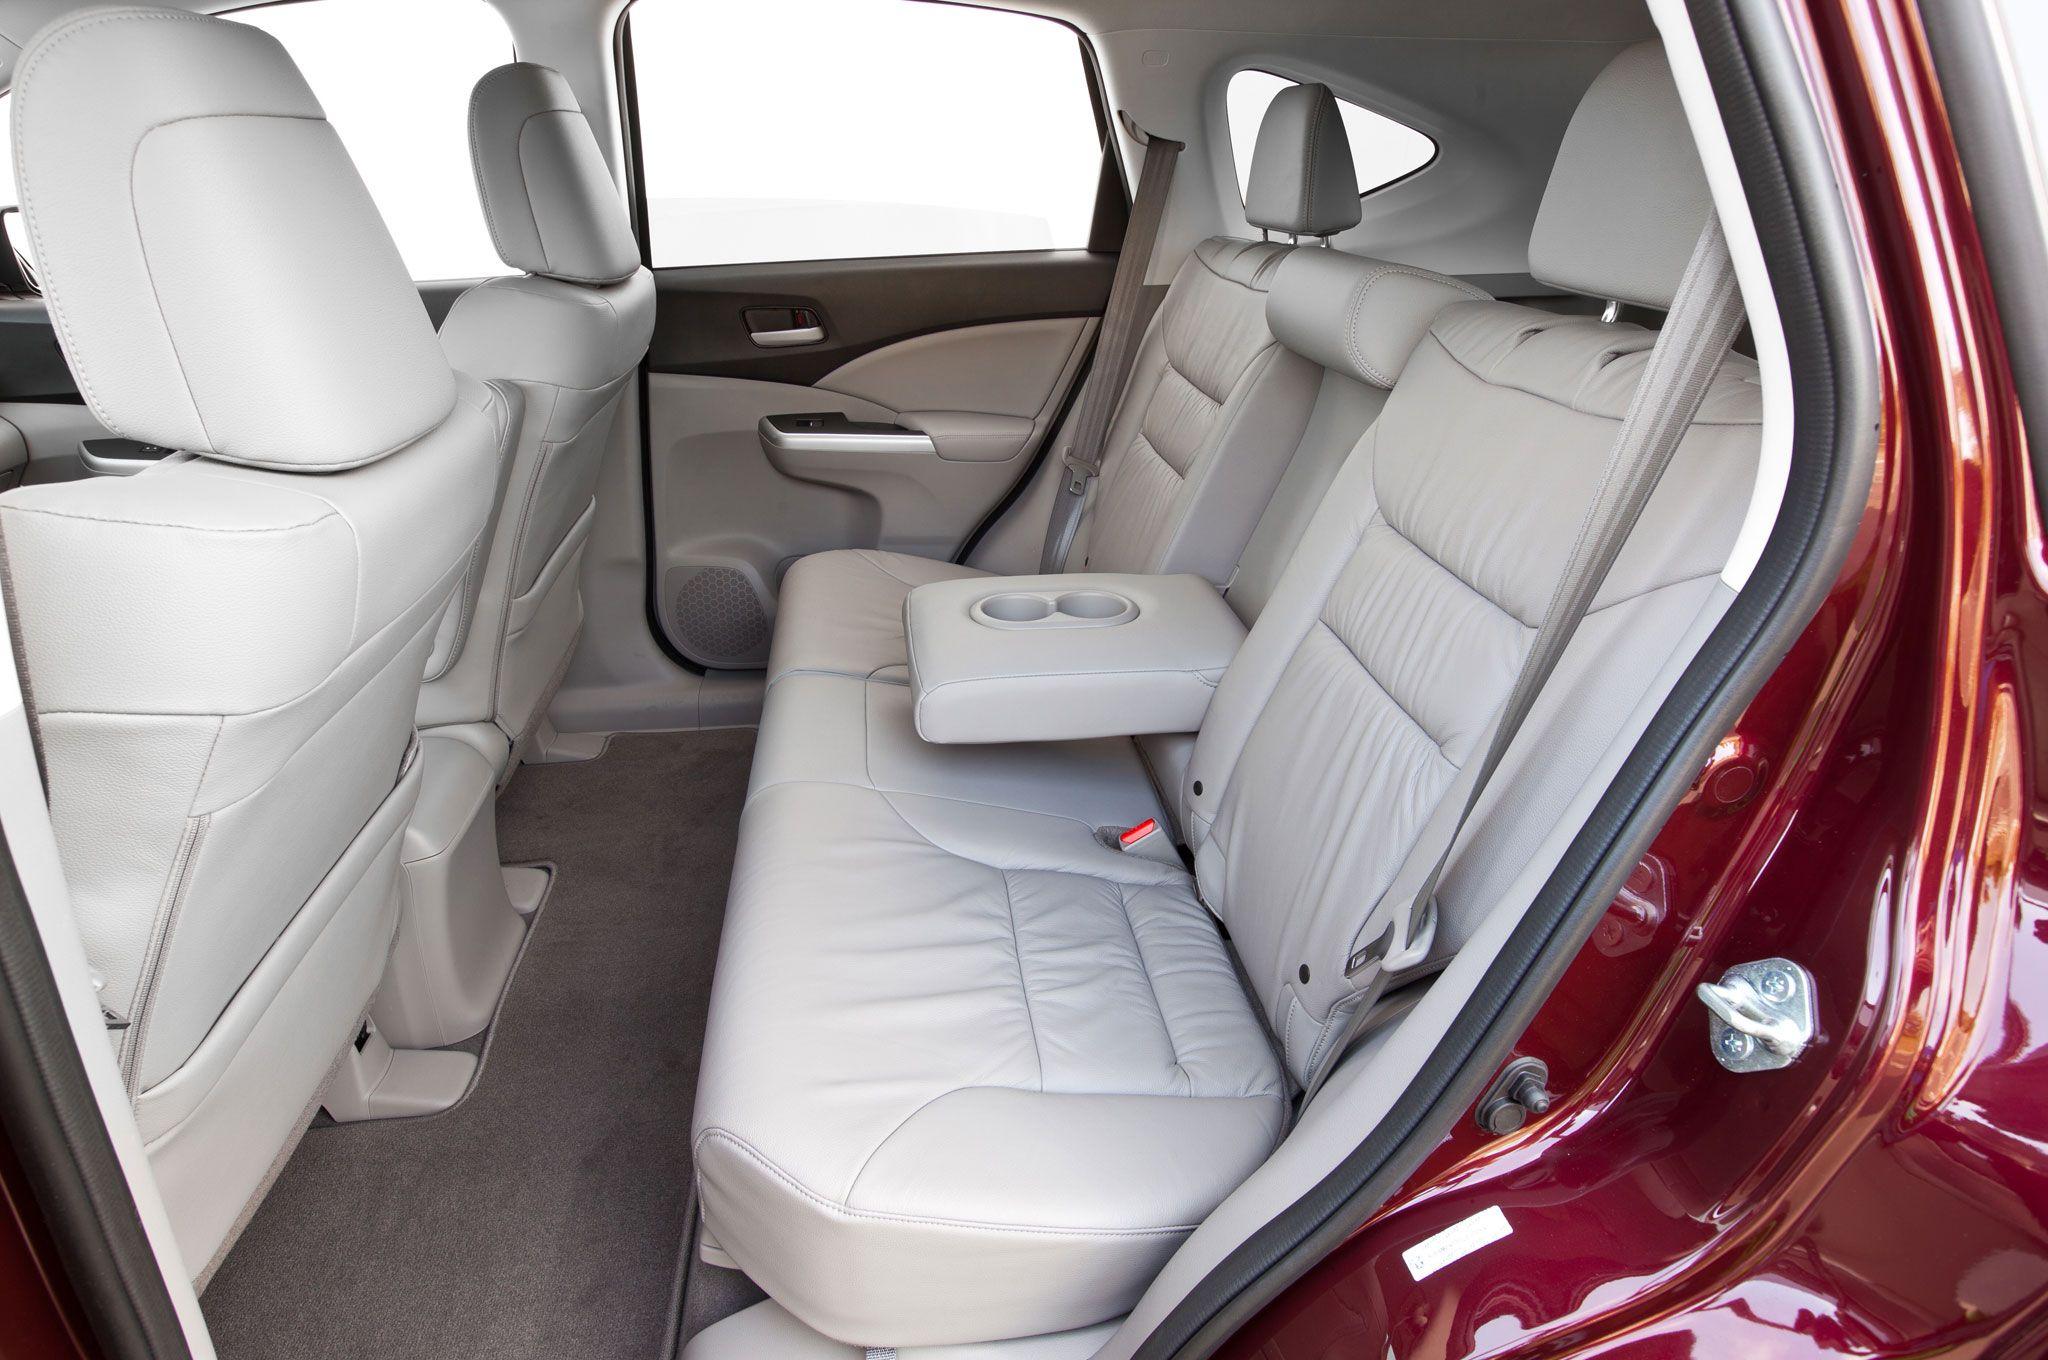 2014 Honda Cr V Priced At 23 775 Loaded Awd At 31 275 Honda